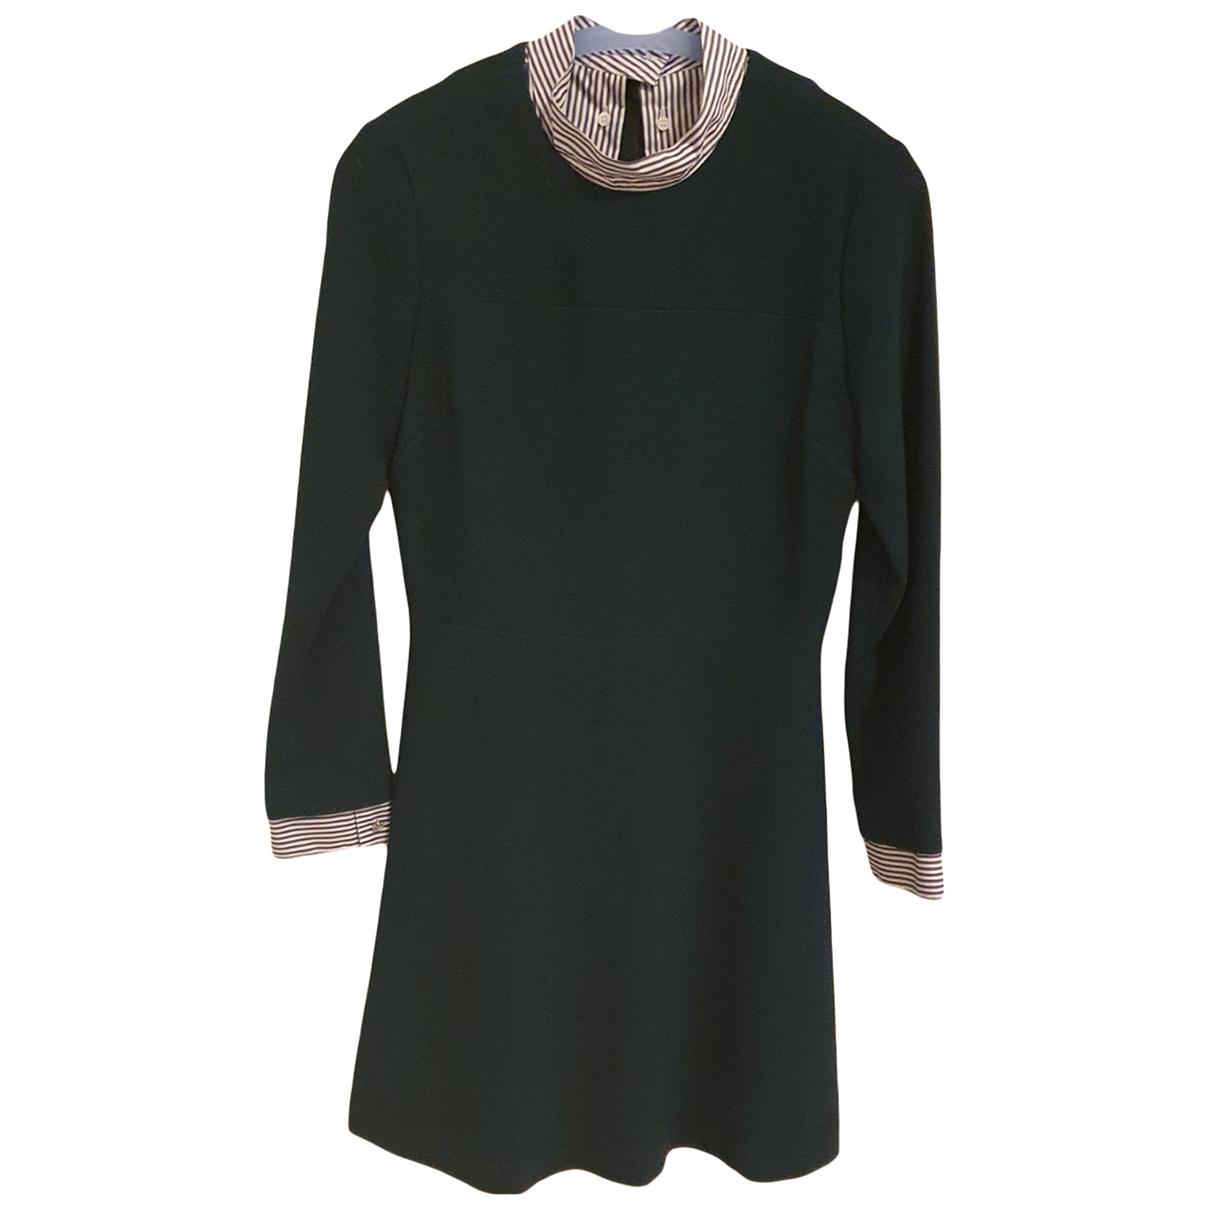 Sandro \N Kleid in  Gruen Polyester